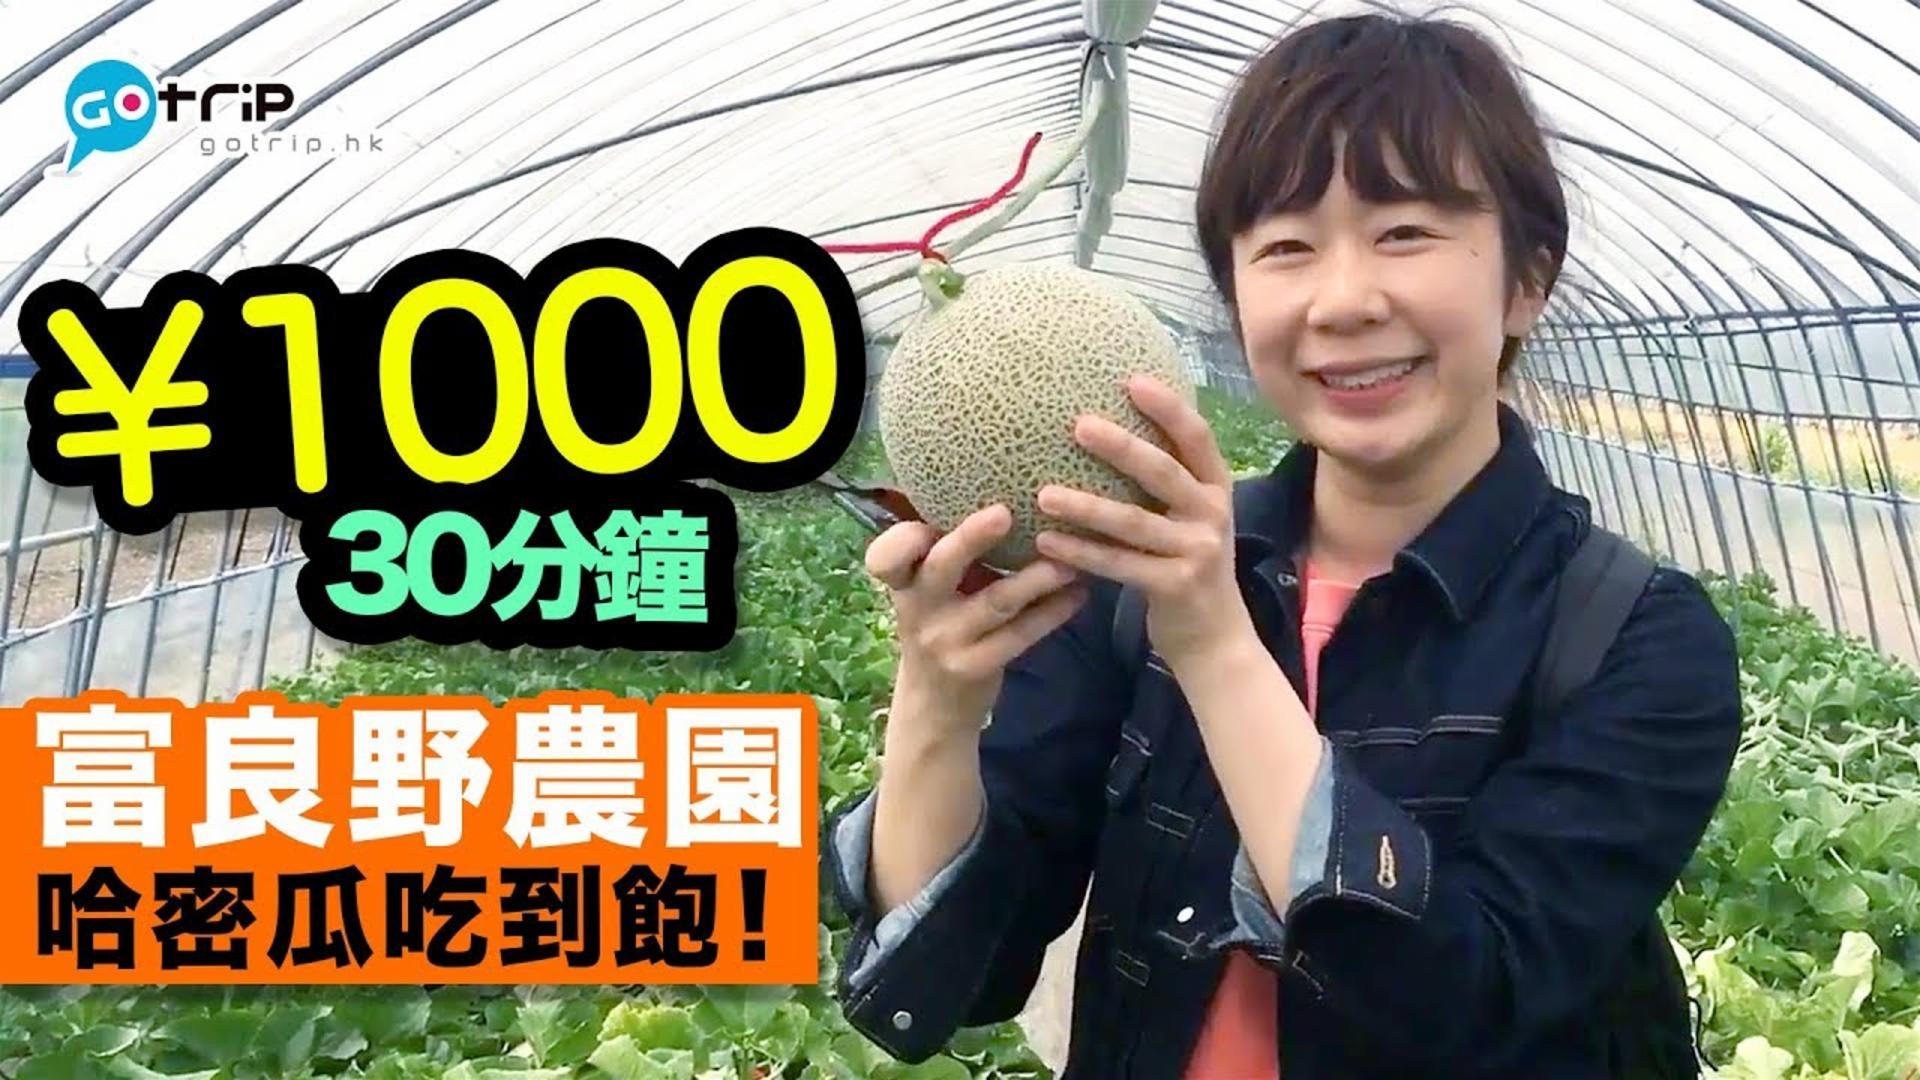 日本 北海道富良野農園哈密瓜收割體驗+1000日圓即場任吃【學做日本人】Ep.16